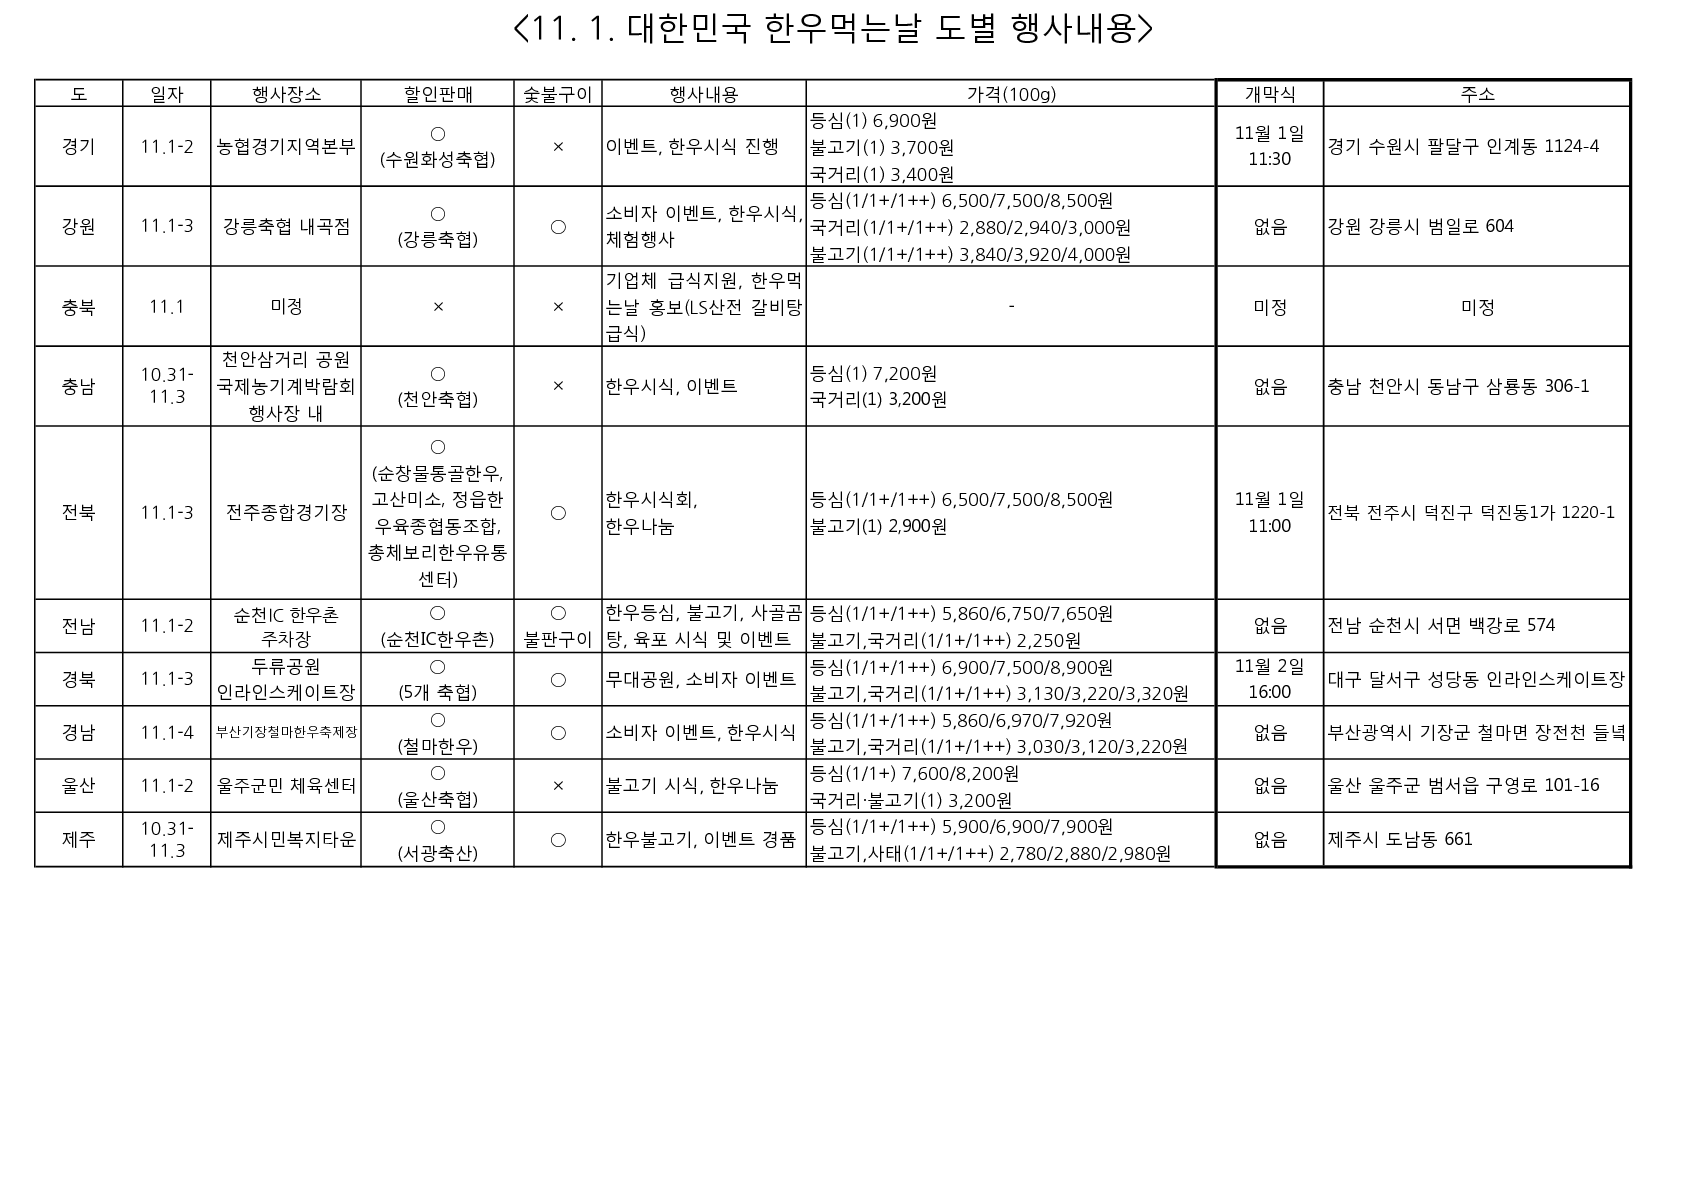 전국 지역별 행사내용 정리(25)_1.png